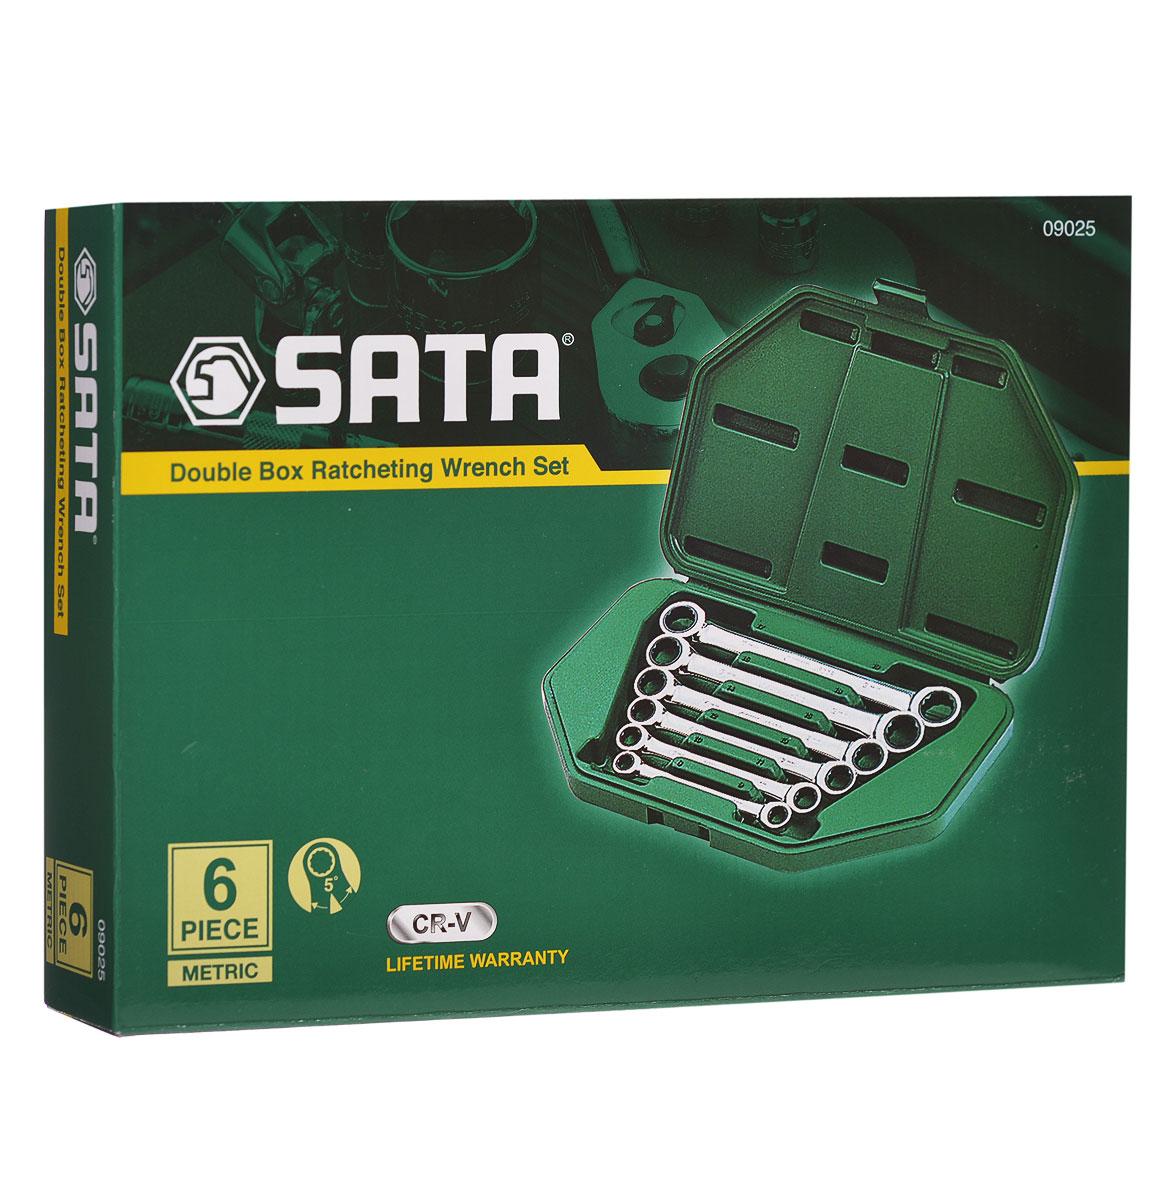 Набор ключей SATA 6пр. 0902509025Метрические накидные комбинированные ключи Sata с реверсивным трещоточным механизмом предназначены для монтажа/демонтажа резьбовых соединений. Все инструменты набора выполнены из высококачественной хромованадиевой стали. В комплекте пластиковый кейс для переноски и хранения.В набор входят ключи размером: 8 мм х 9 мм, 10 мм х 11 мм, 12 мм х 13 мм, 14 мм х 15 мм, 16 мм х 18 мм, 17 мм х 19 мм.